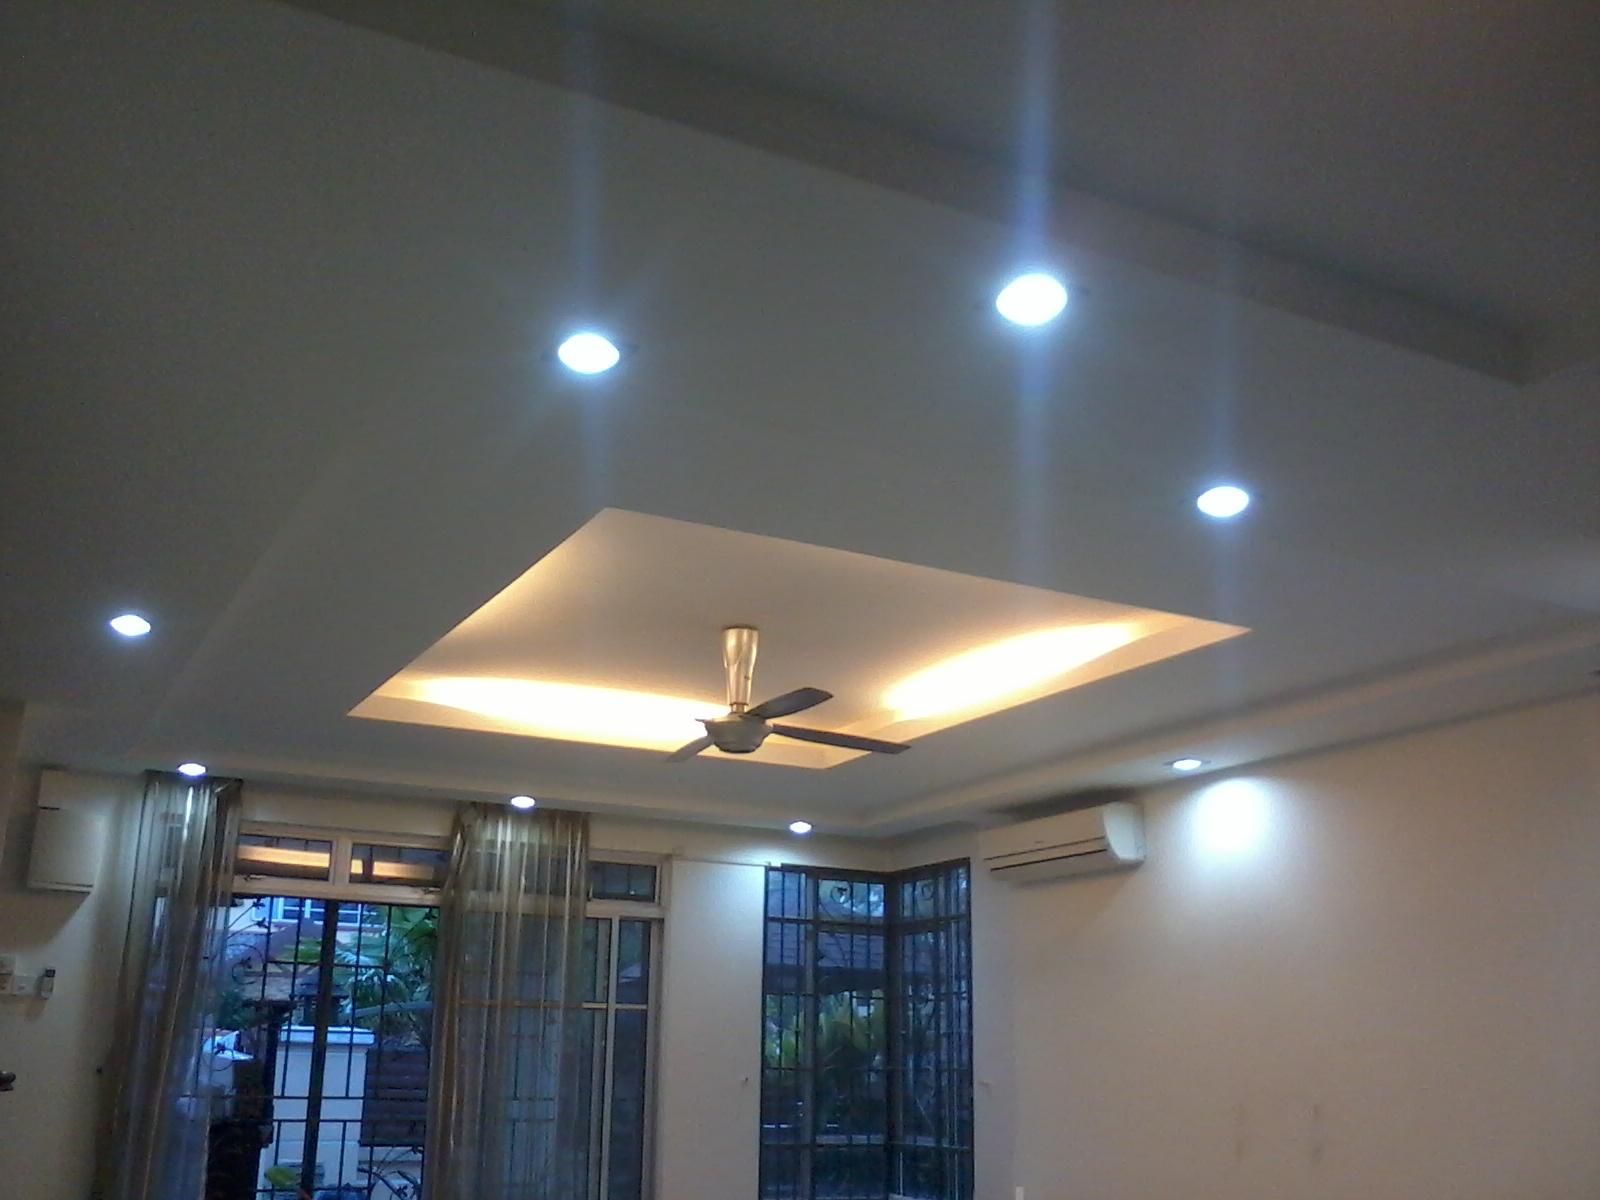 Plaster Siling Specialist Ceiling Sbdice Ruang Tamu Kediaman En Basir Bandar Seri Putera Kajang